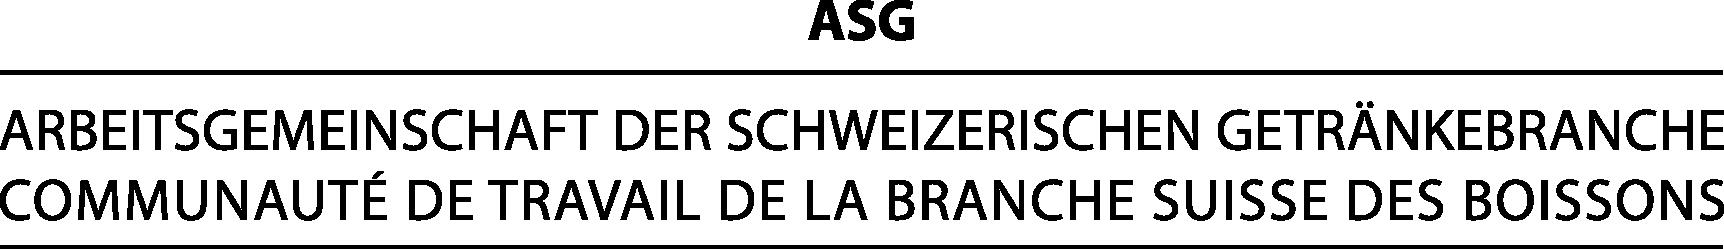 ASG Arbeitsgemeinschaft der Schweizerischen Getränkebranche